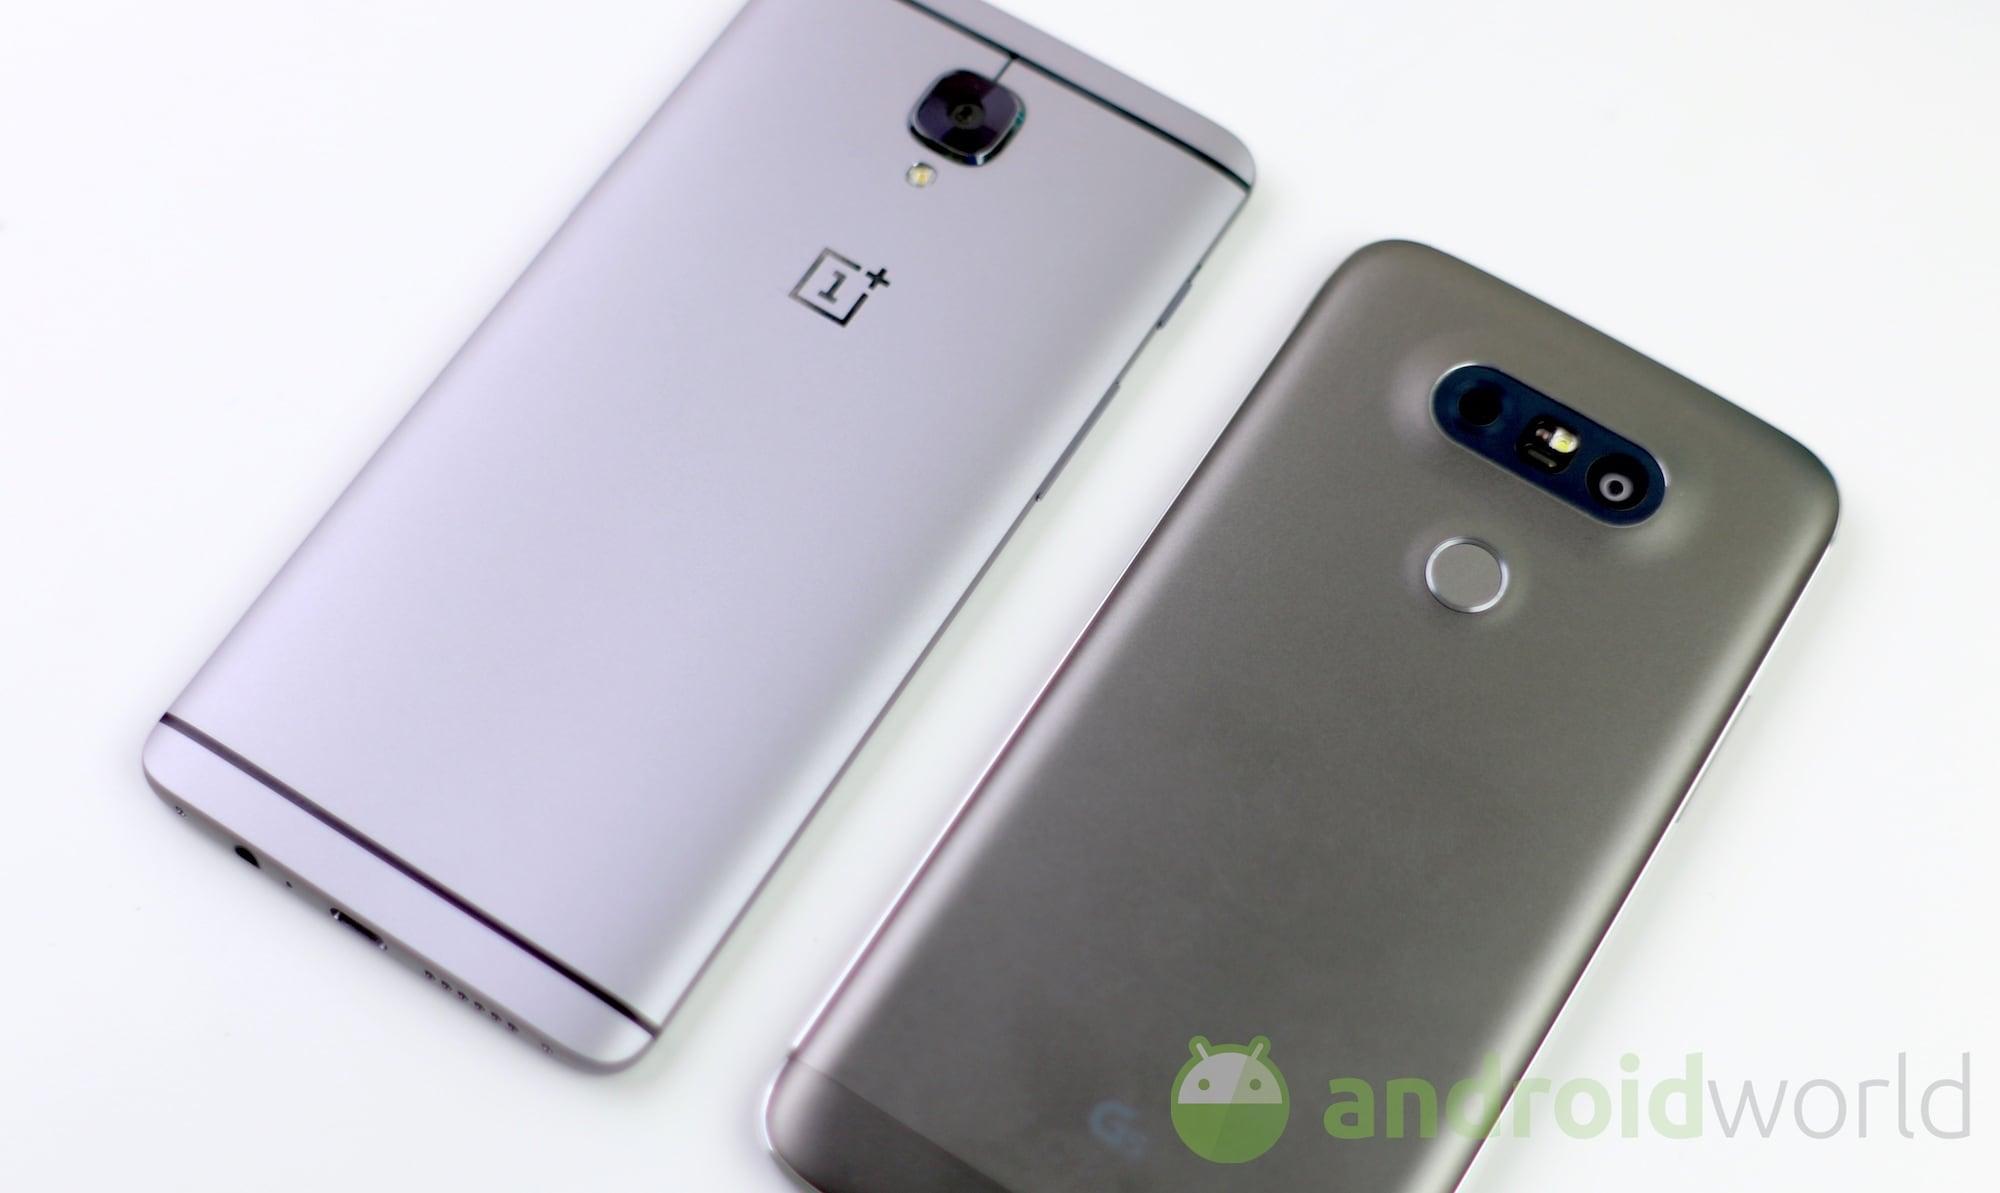 OnePlus 3 – LG G5 – 6